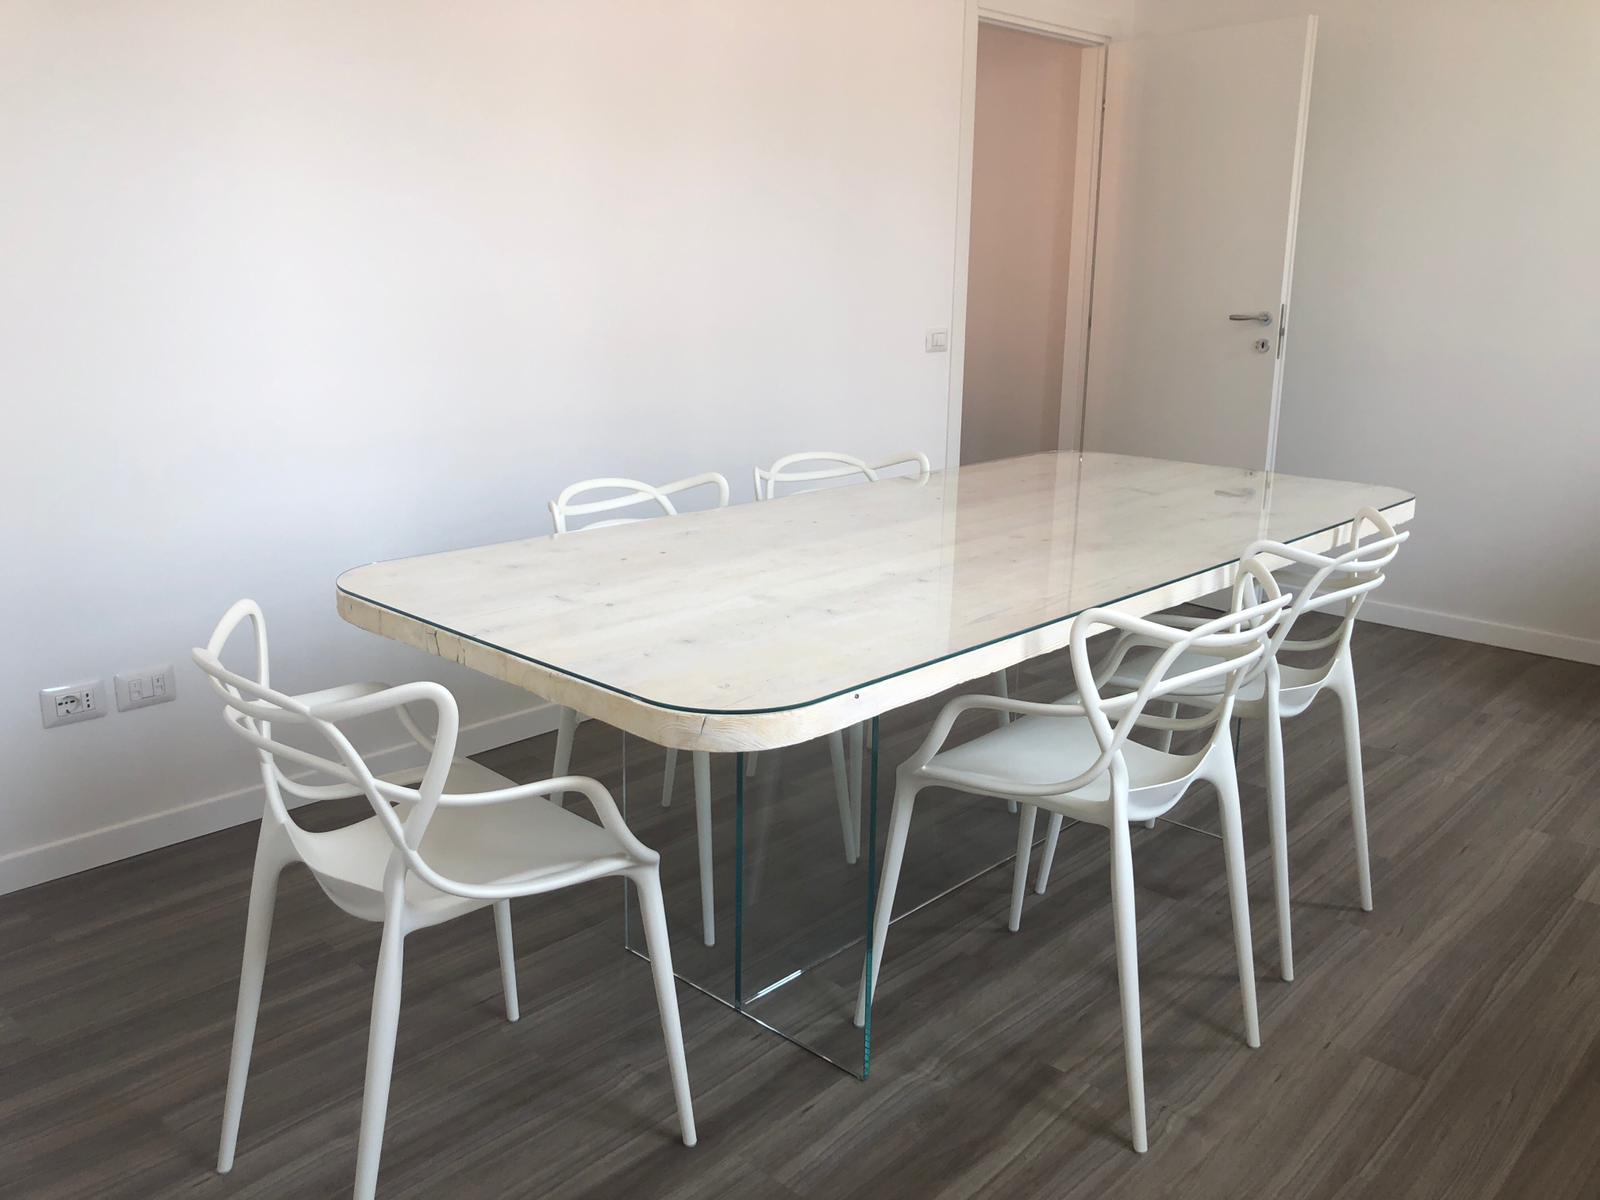 Tavolo in vecchie tavole da ponteggio spazzolate e sbiancate con struttura portante e ripiano in vetro temperato